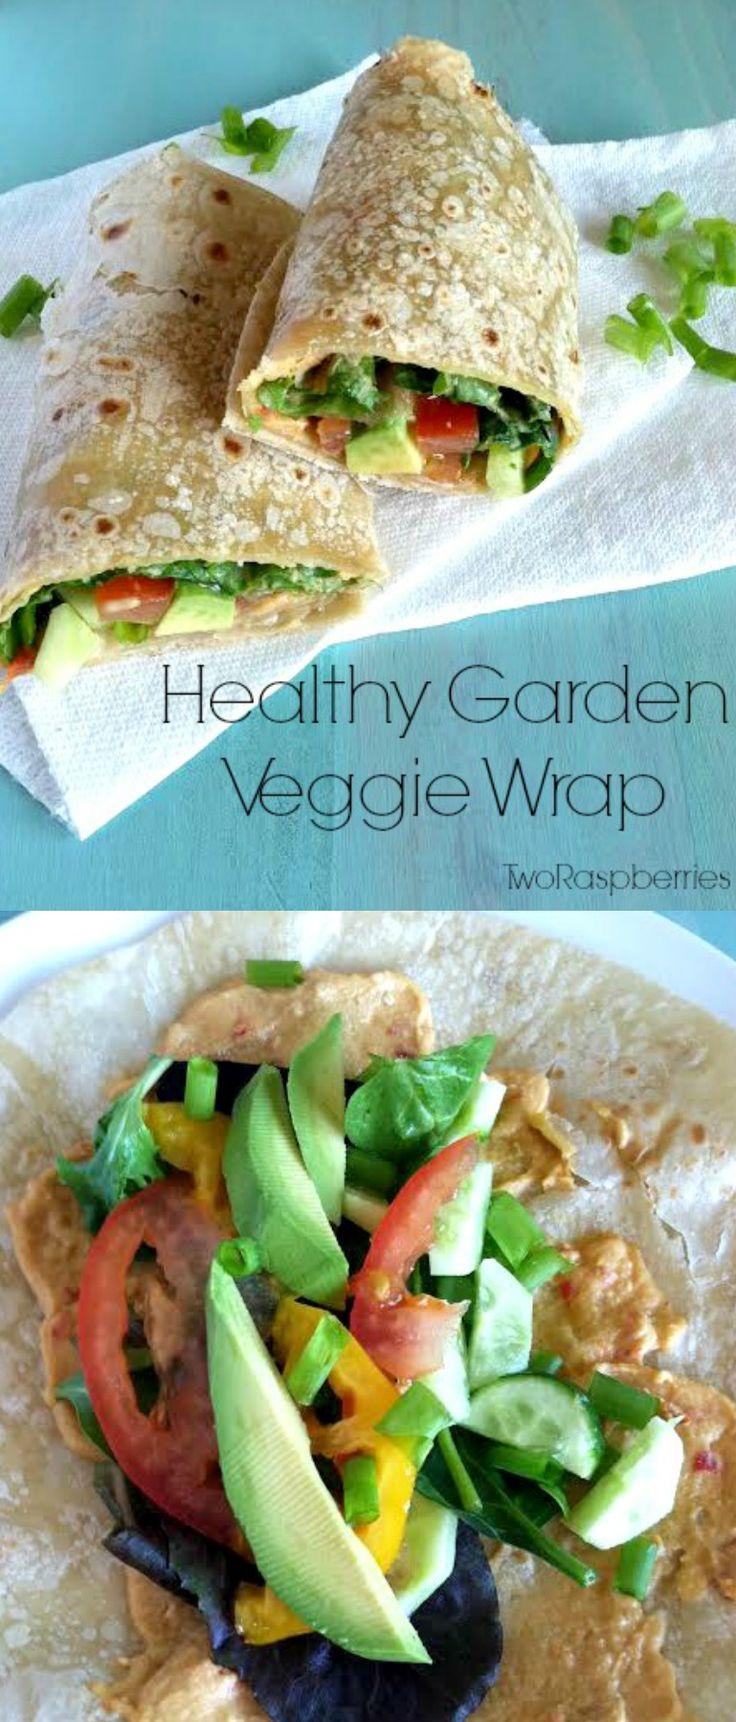 Veggie wraps on Pinterest   Vegetarian wraps, Healthy tortilla wraps ...